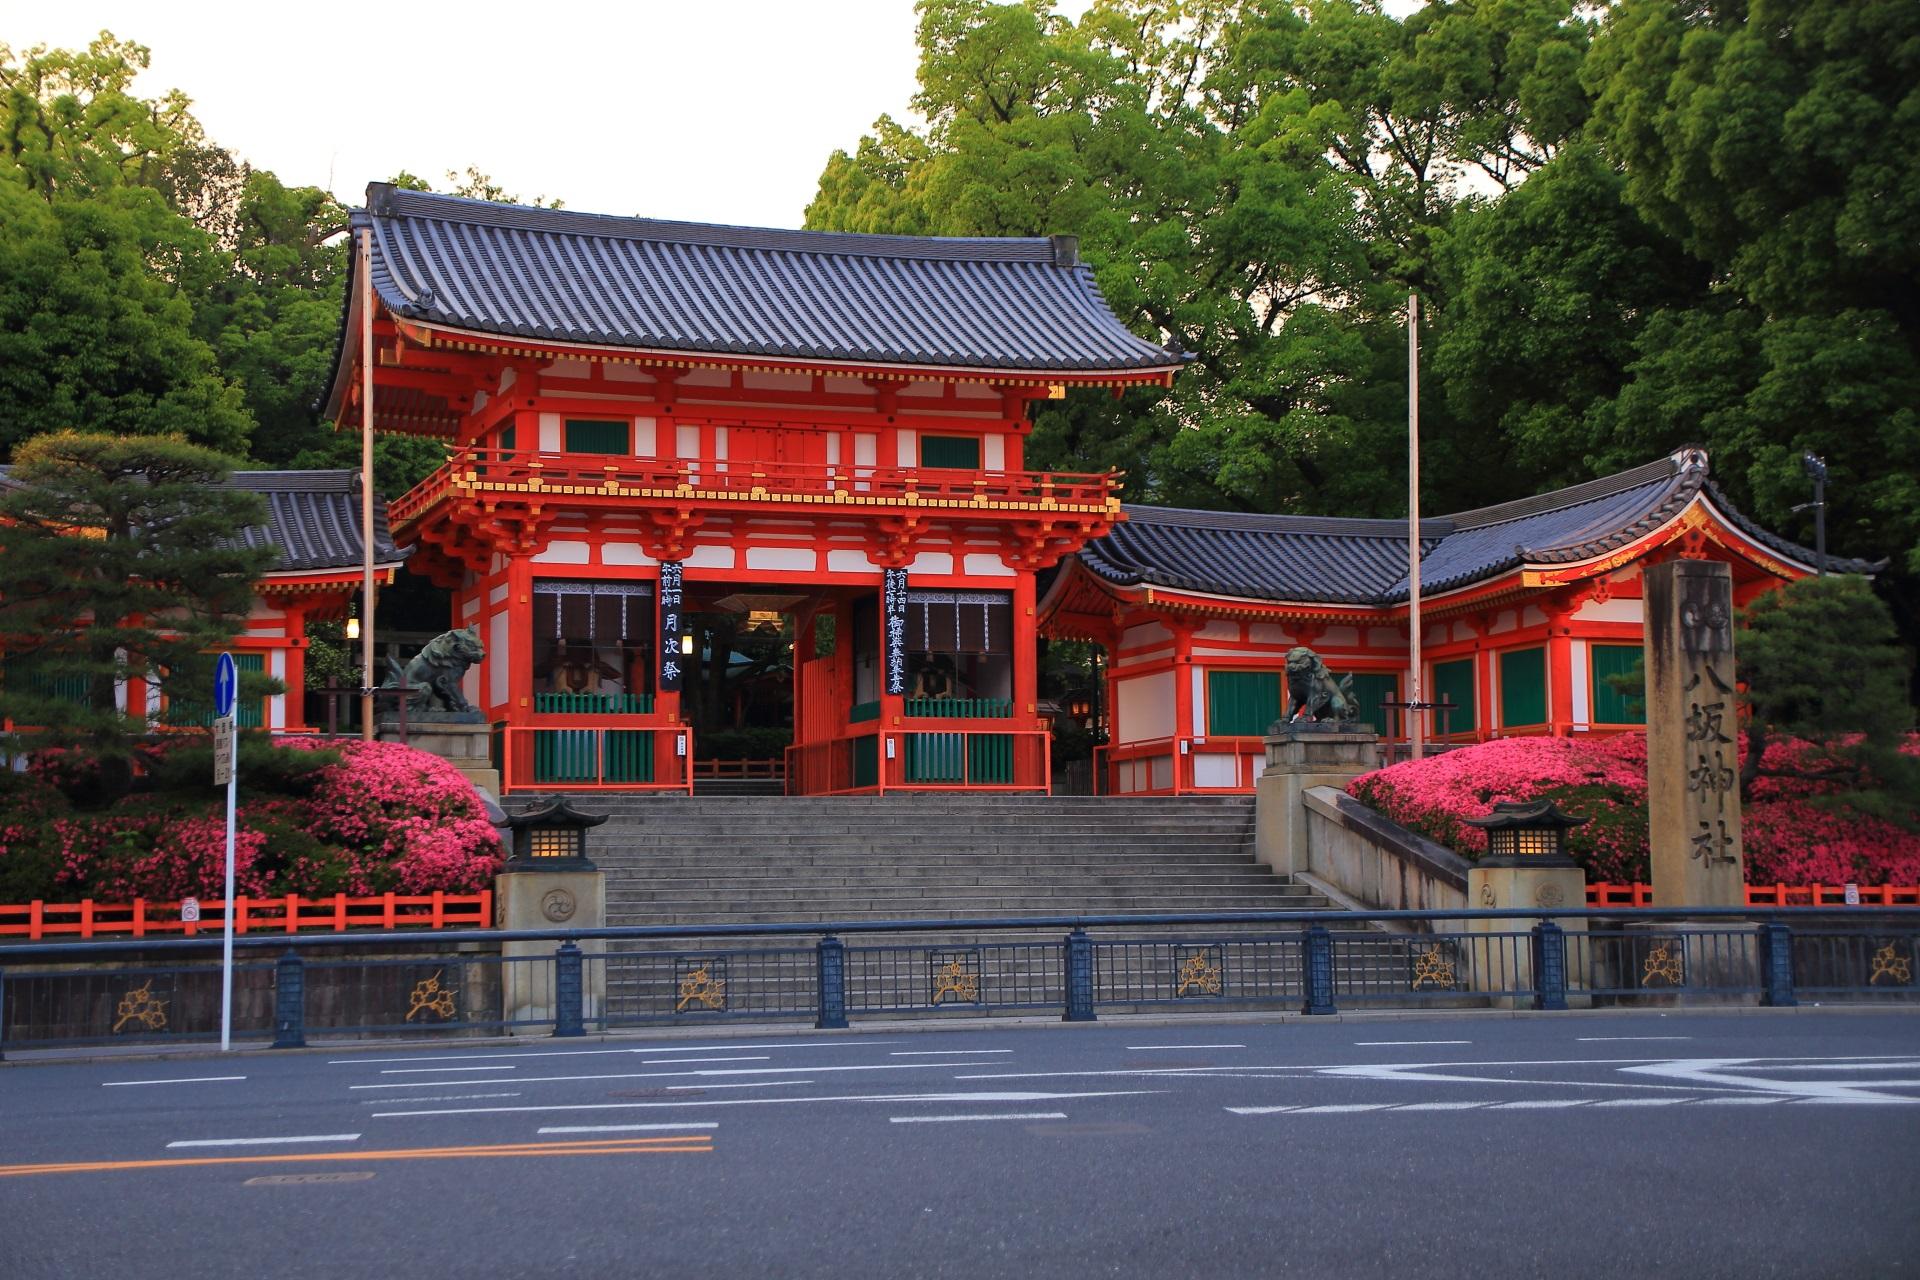 少し遠目から眺めた八坂神社の凛として構える西楼門と上品なサツキ